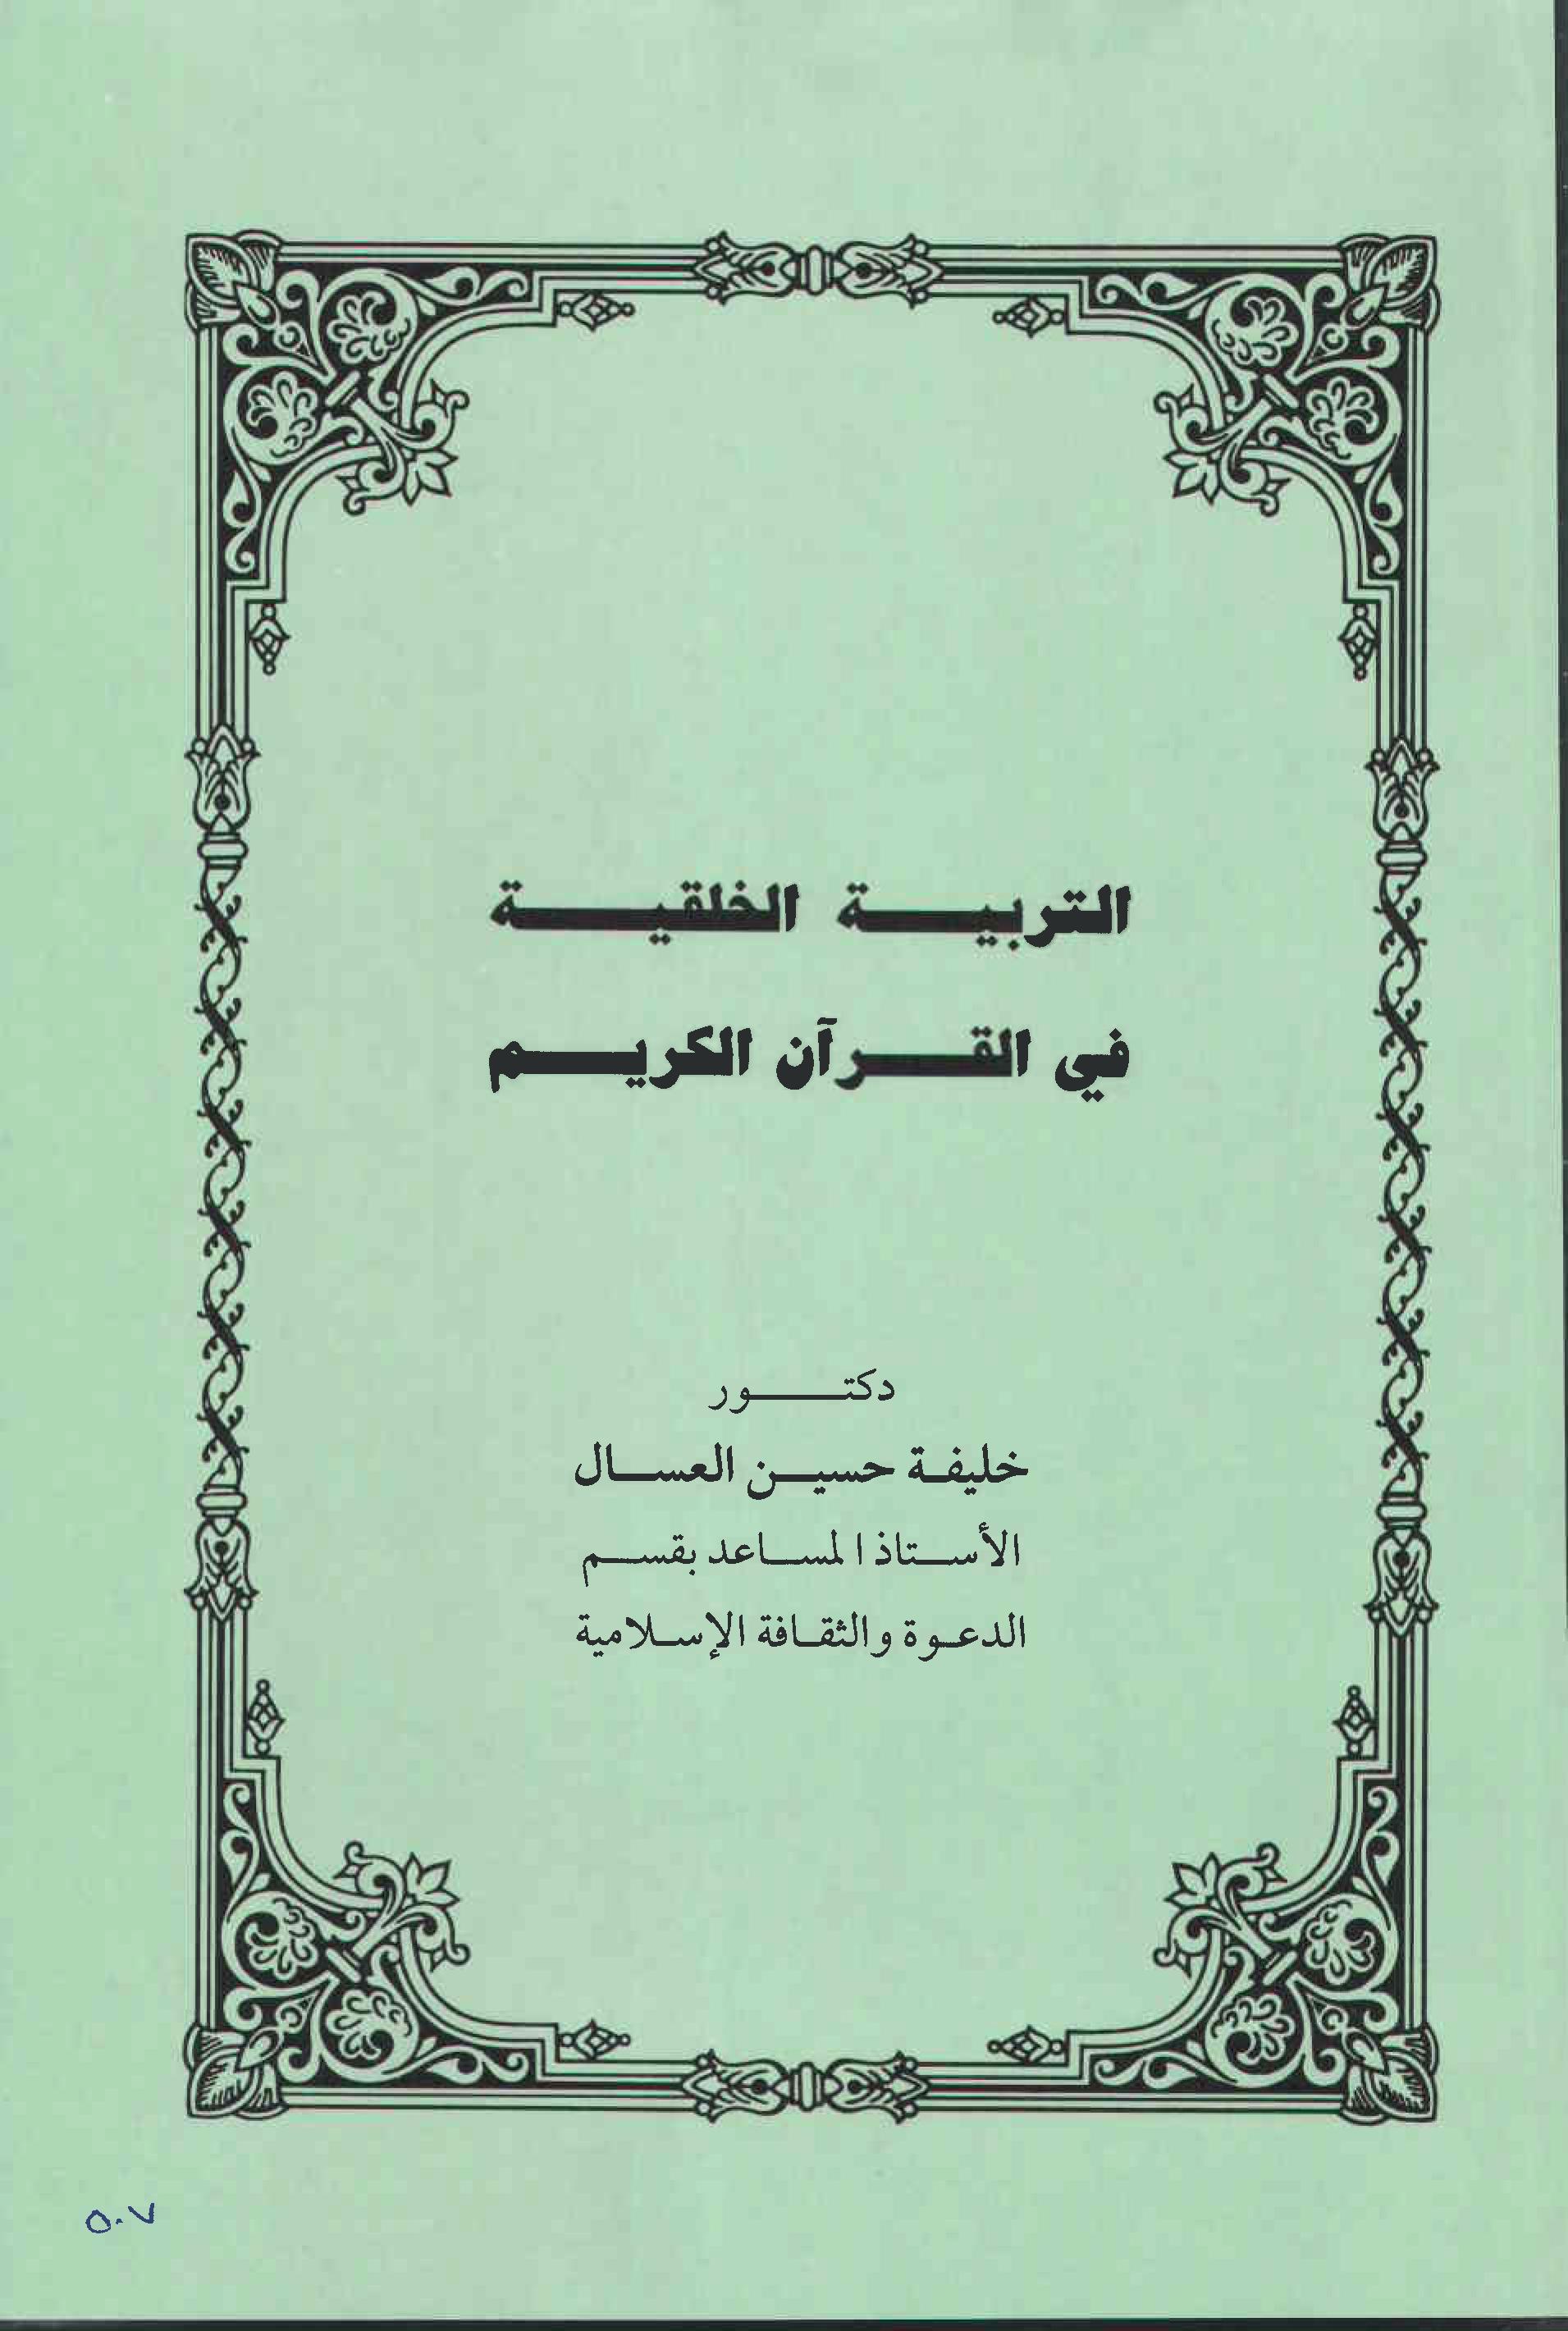 تحميل كتاب خواص القرآن للجيلاني